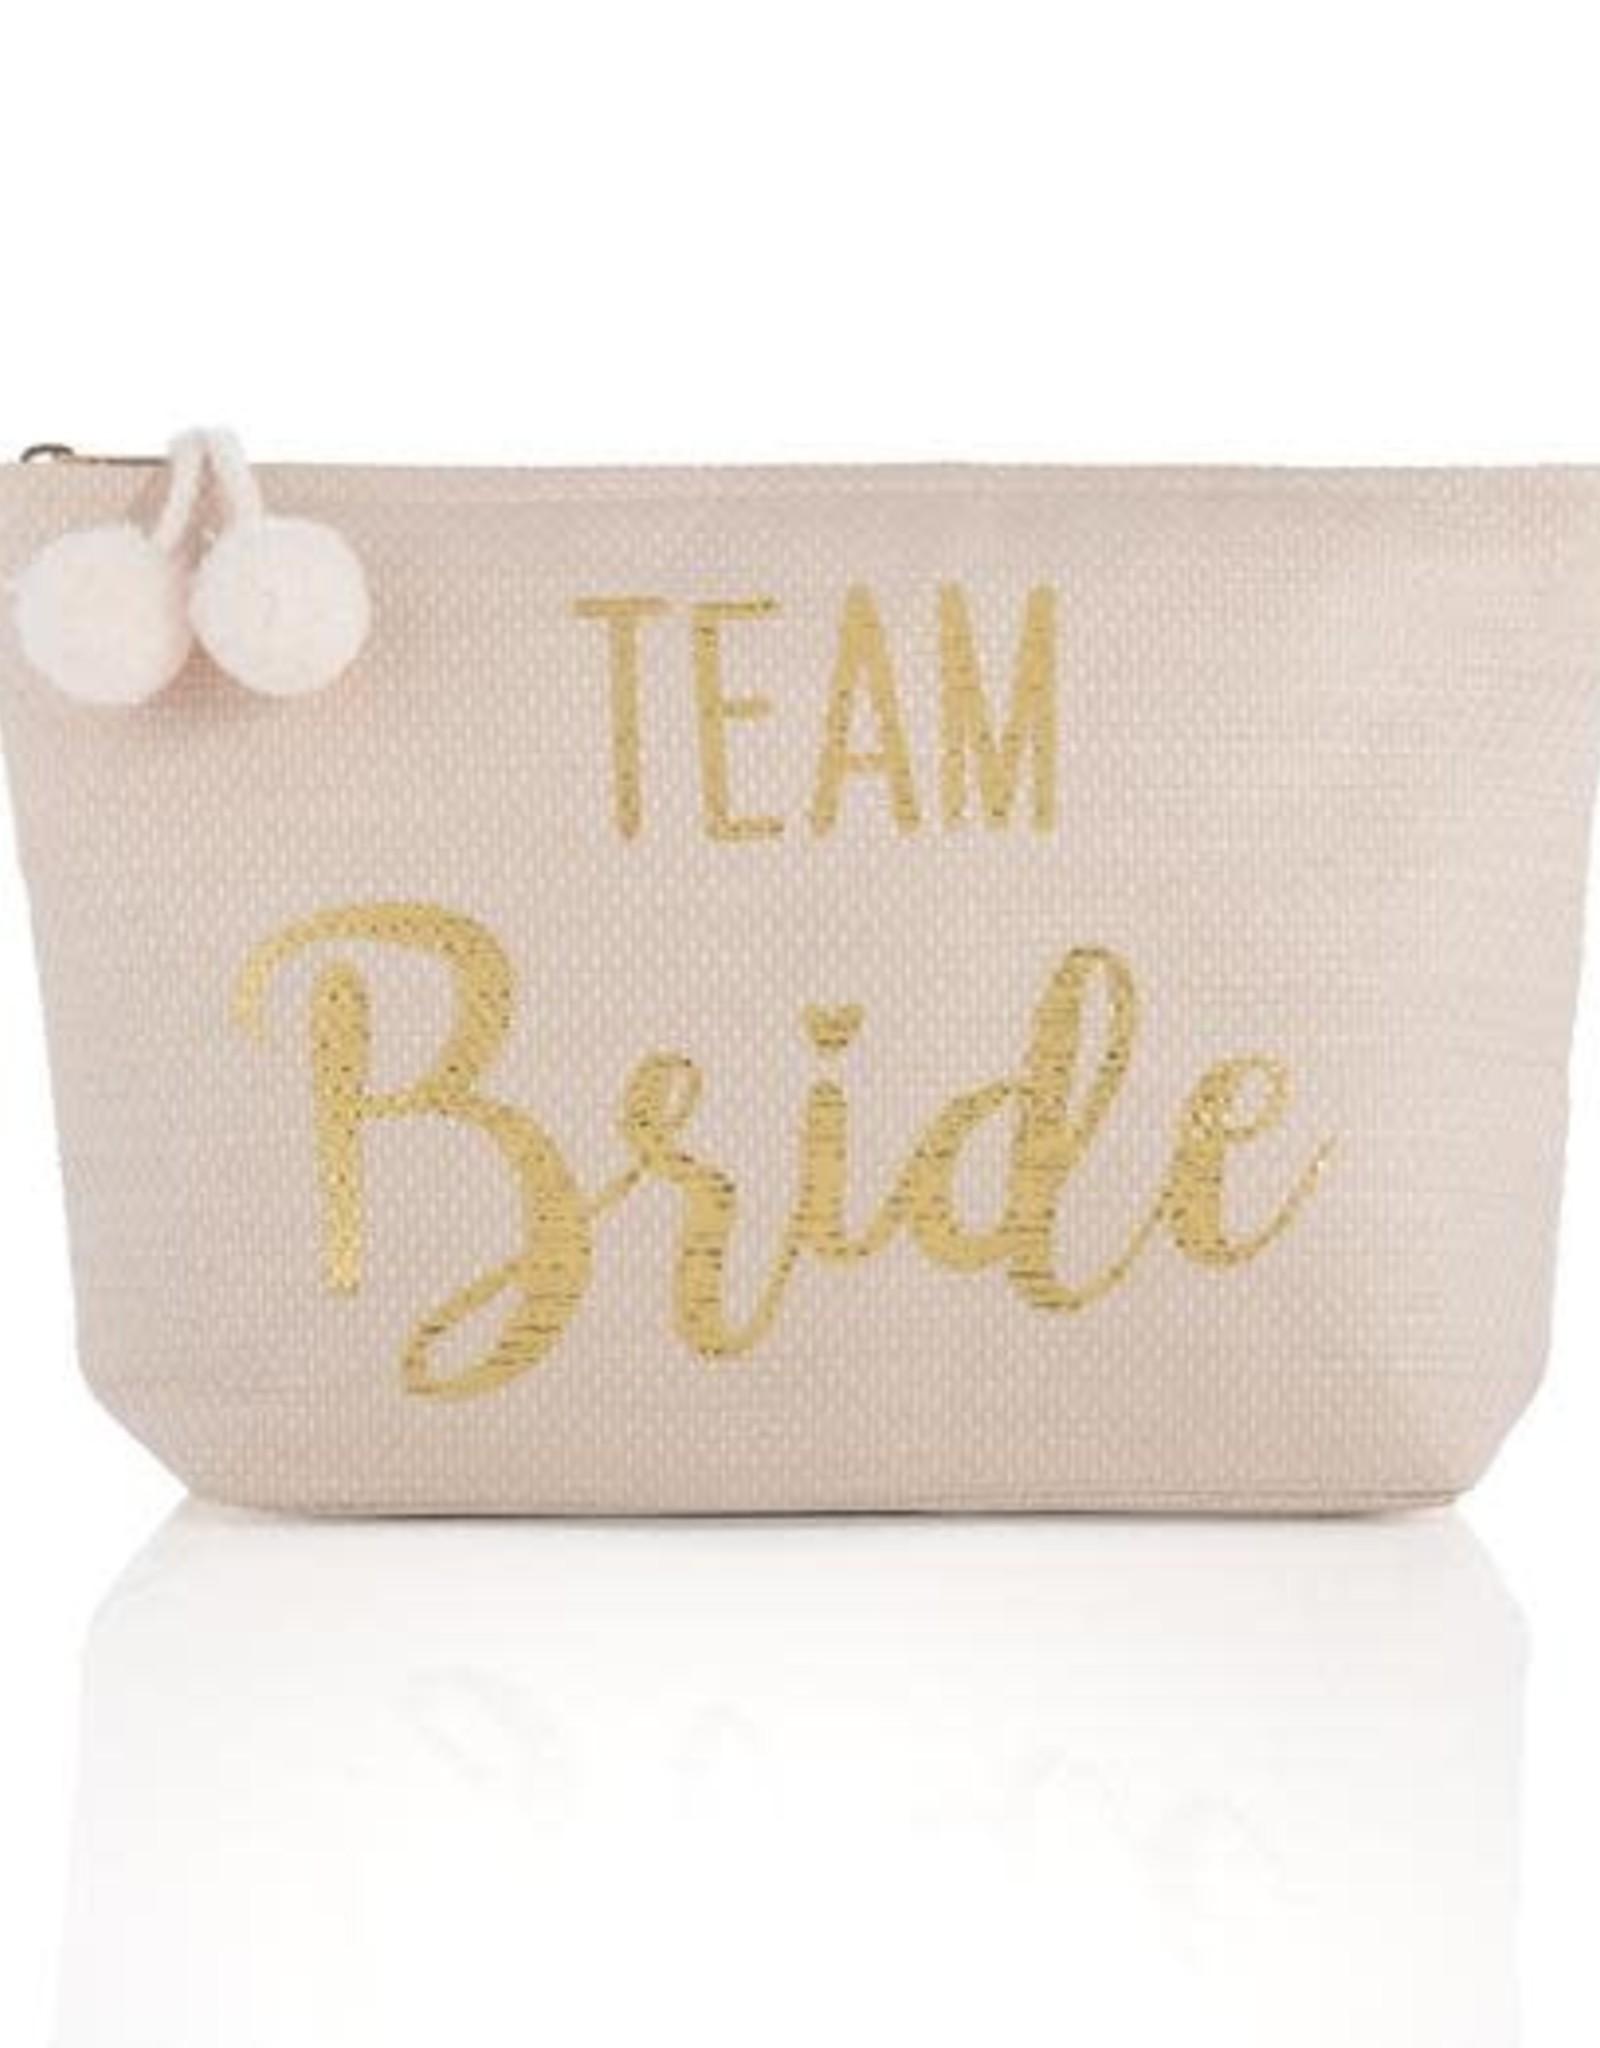 Team Bride Zip Pouch